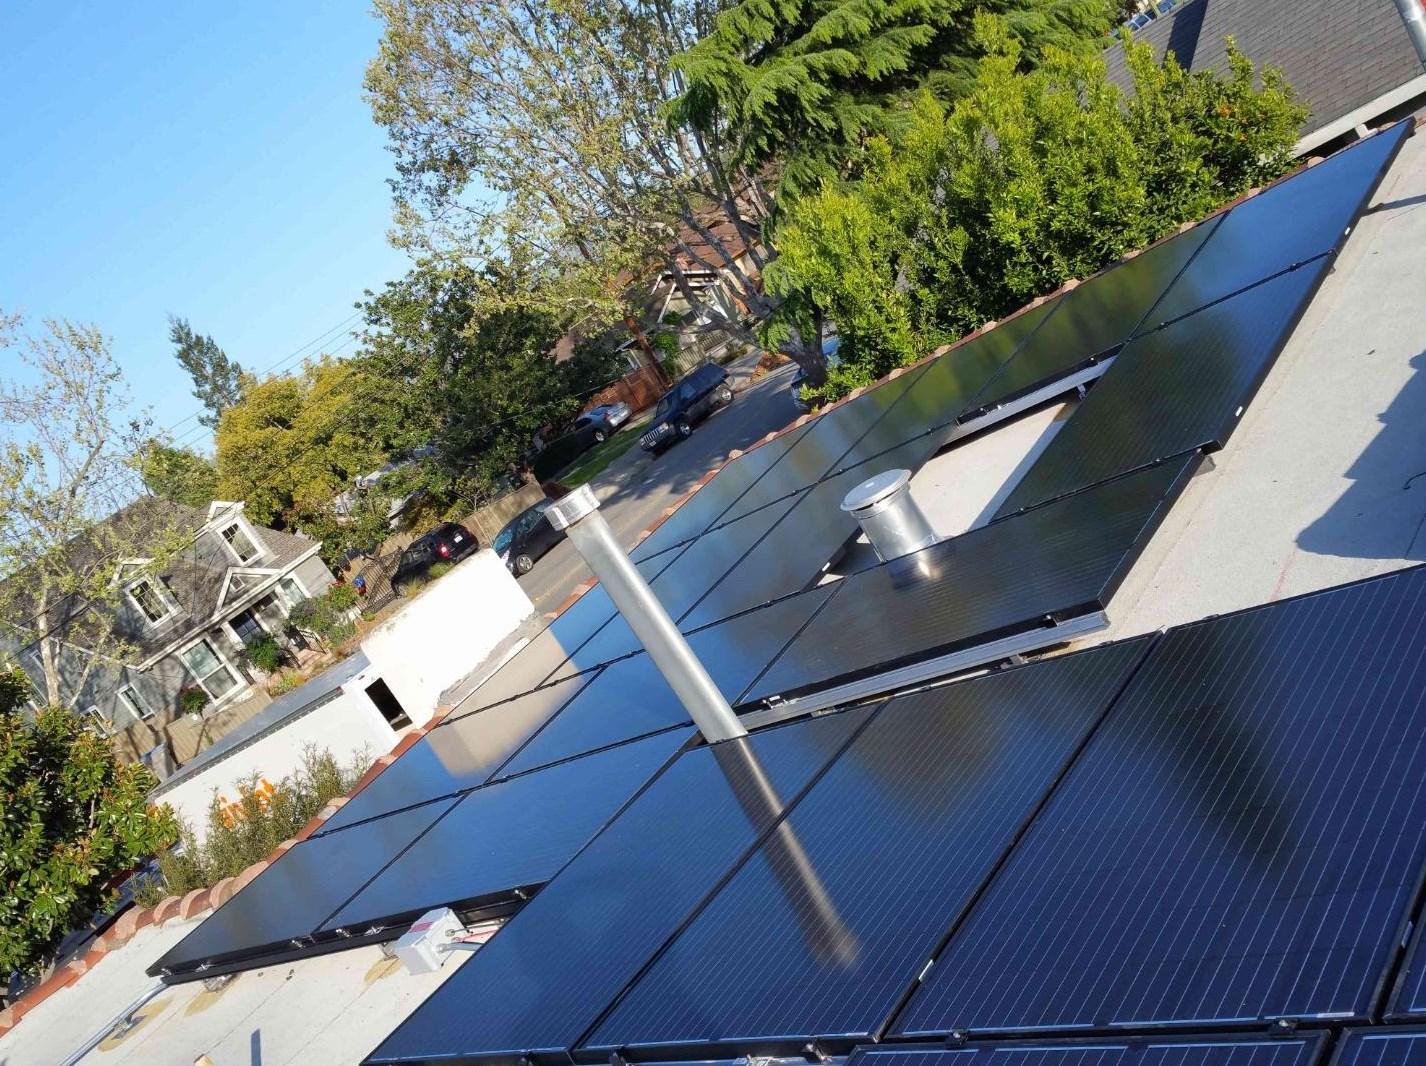 Cuenta con paneles solares y un punto de carga para vehículos eléctricos / Coldwell Banker